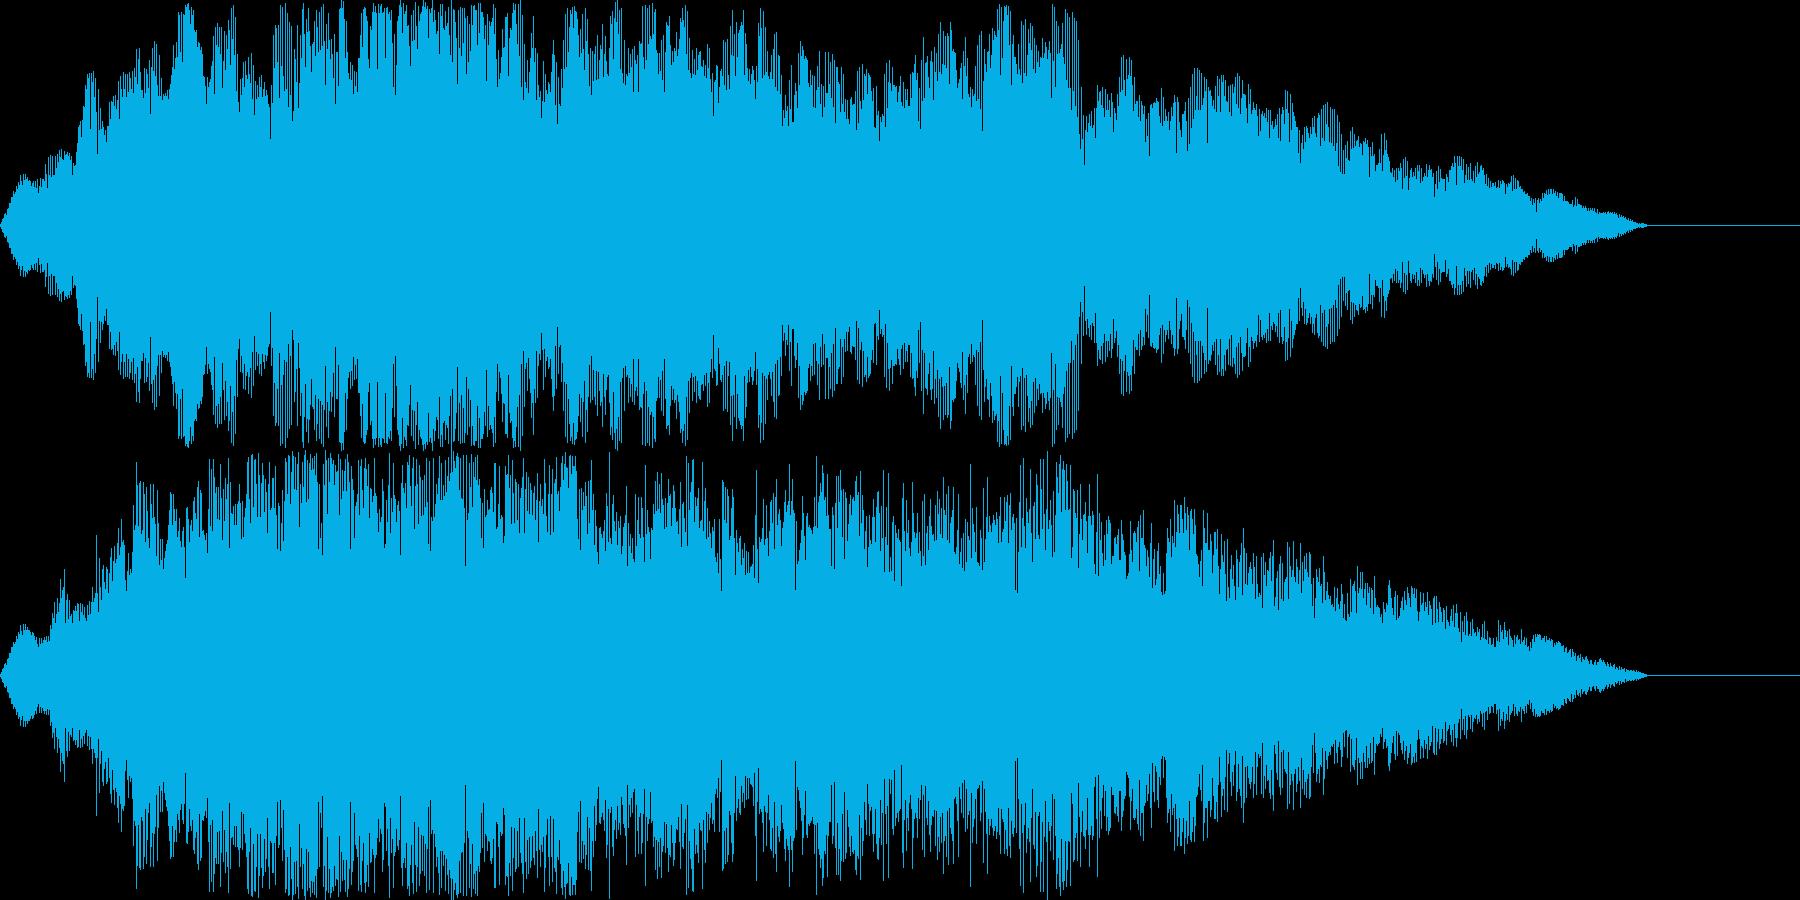 クリア時のジングルの再生済みの波形